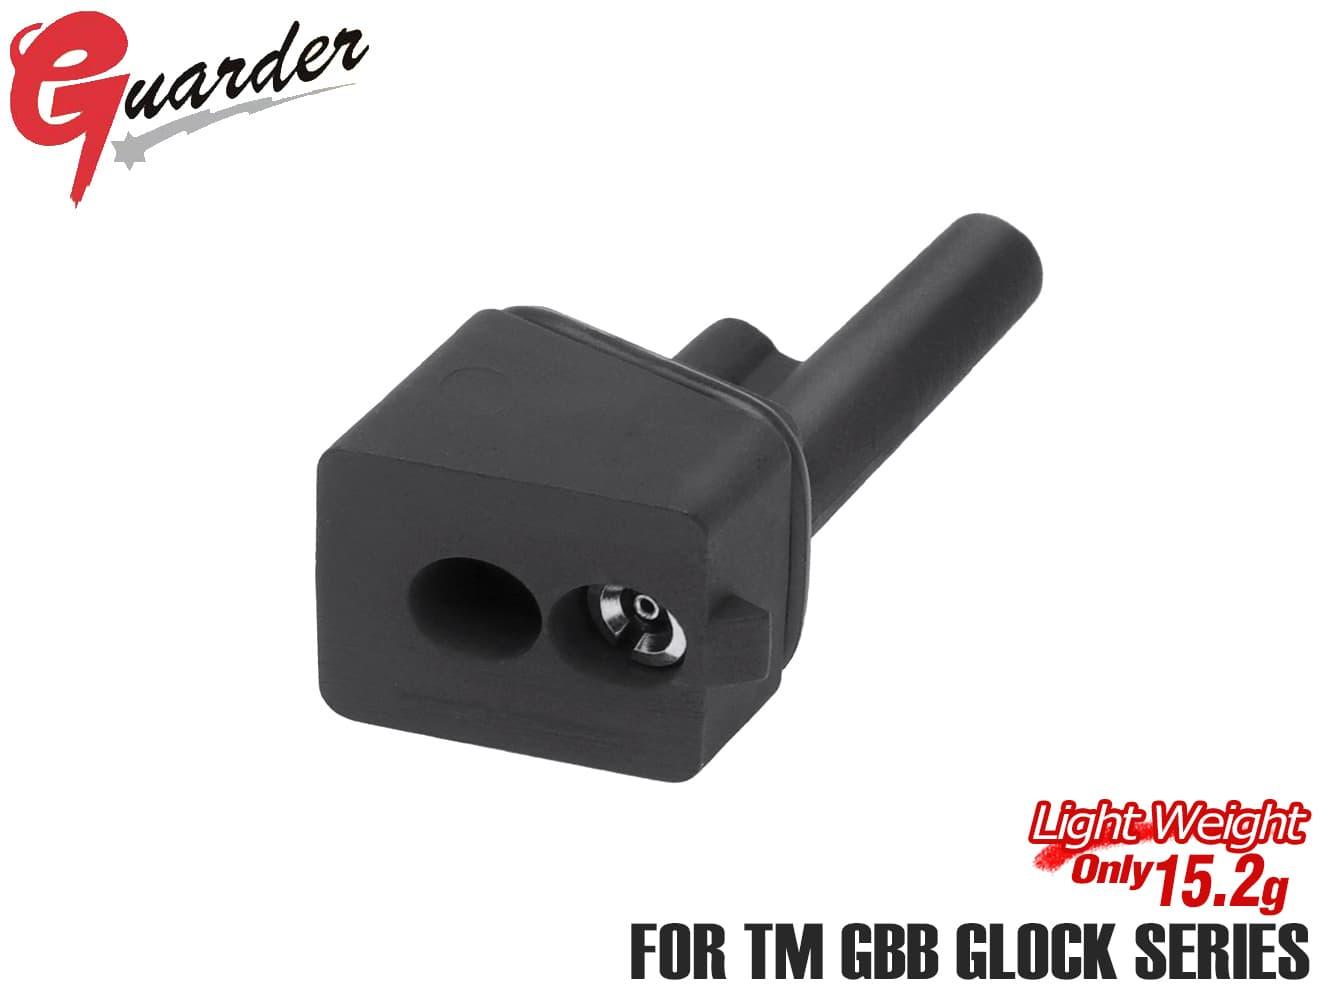 装備・備品, その他 GLK-151GUARDER GLOCK G17G18CG19G22G34 60